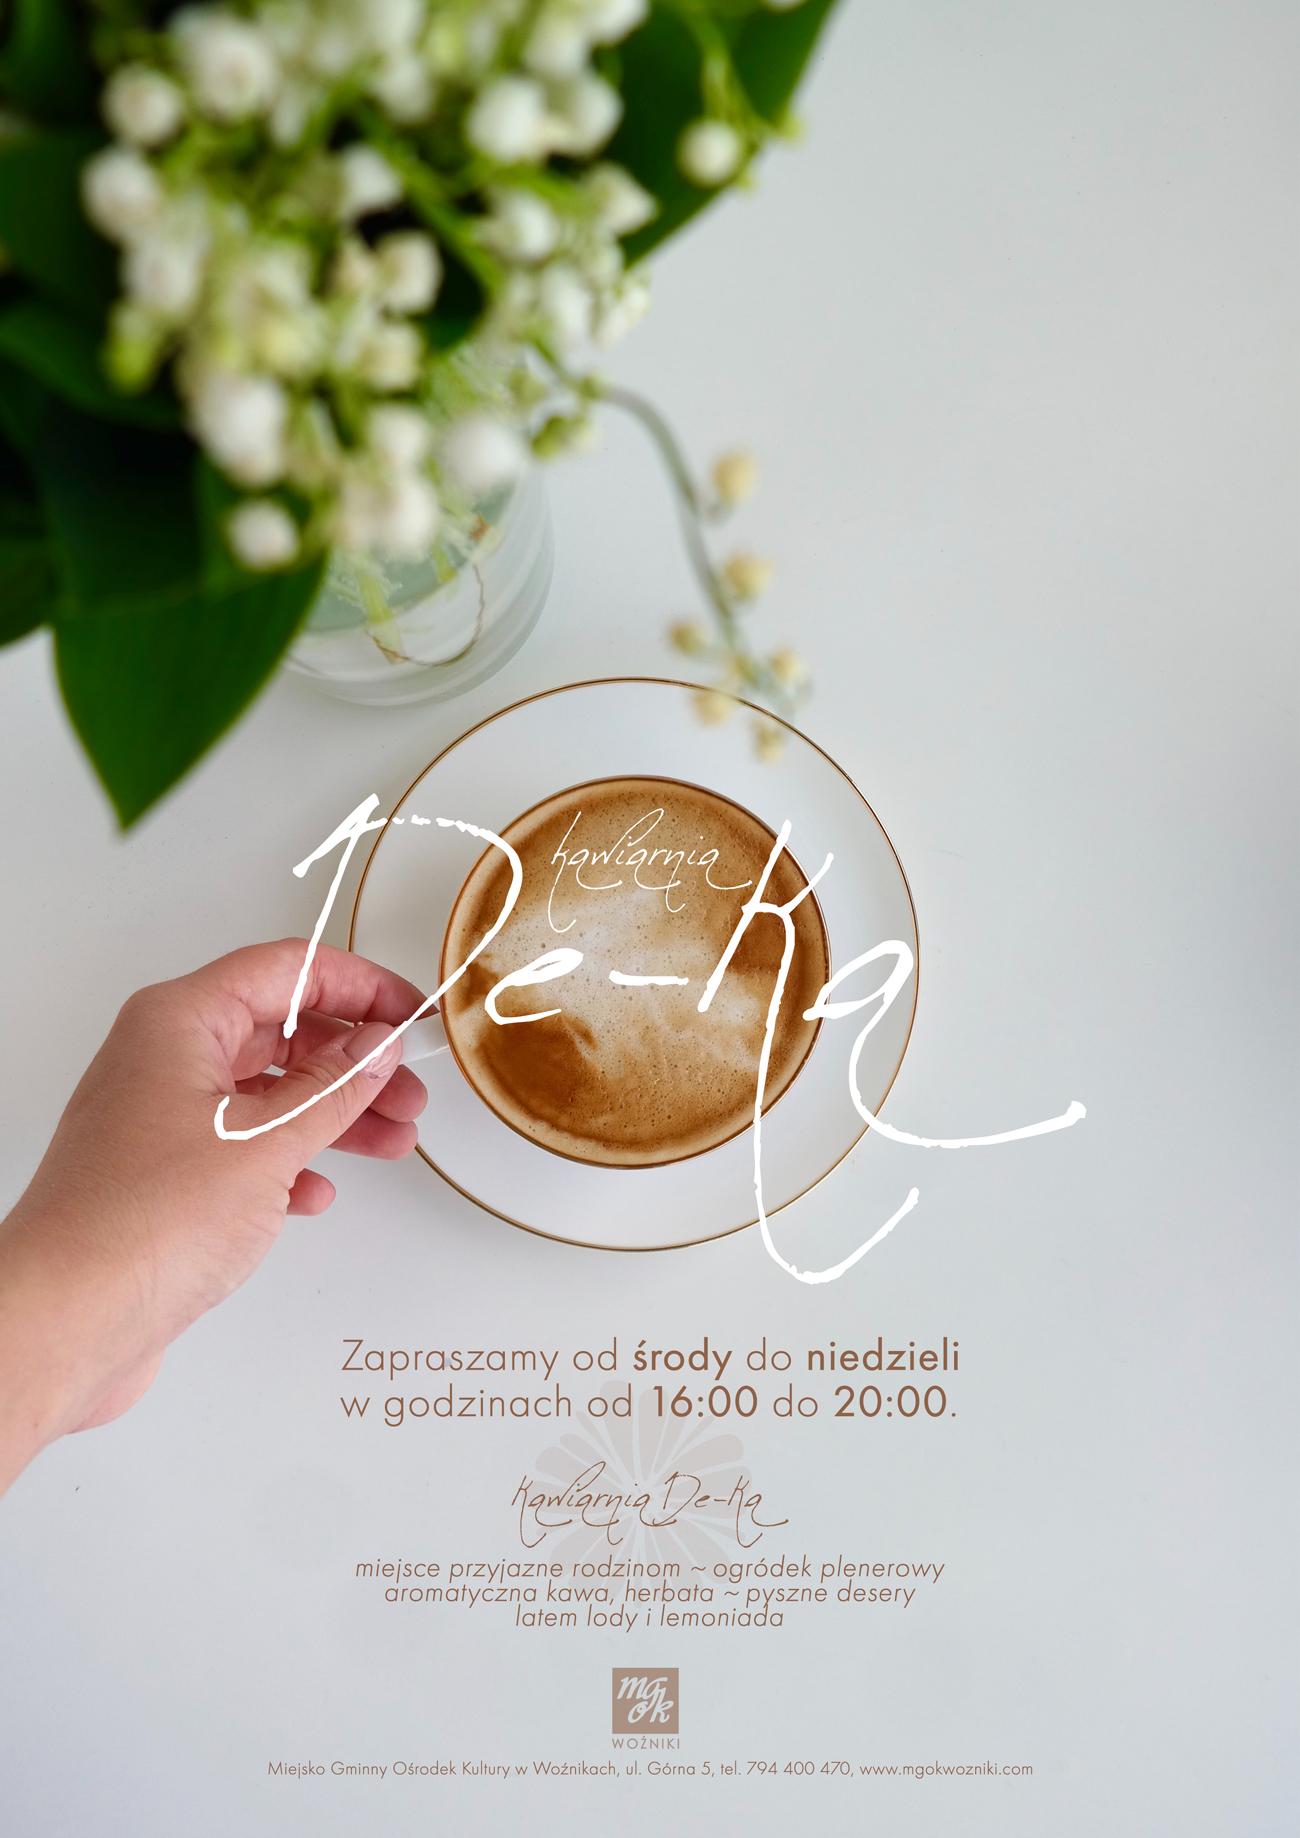 Kawiarnia-De-Ka_V2_A3